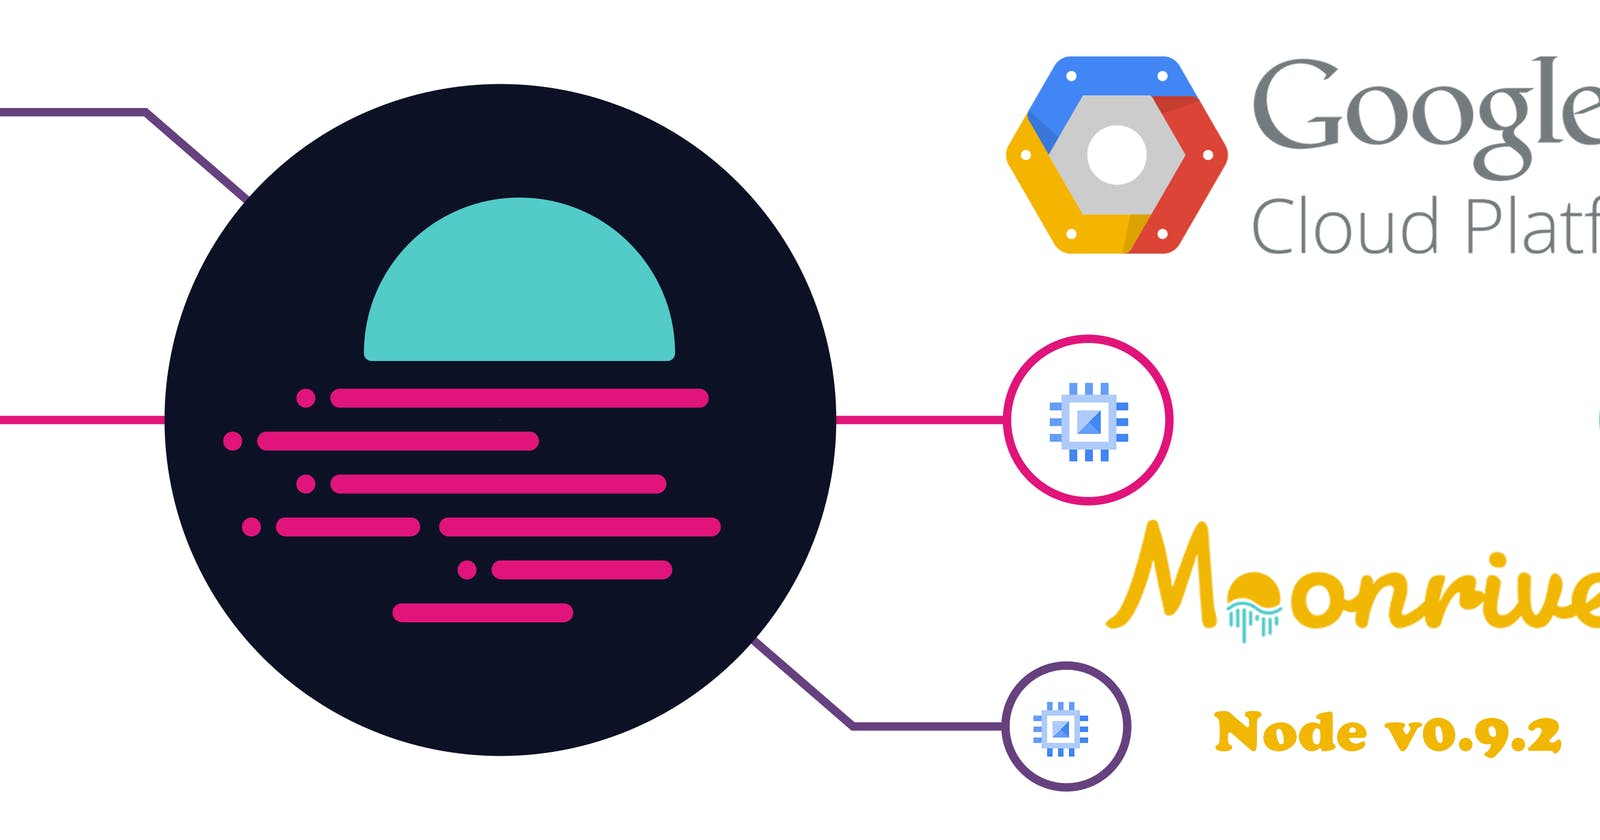 🇺🇸 Guide Installation Instructions — Moonriver Node v0.9.2 by Docker 19.03.13 with Google Cloud Platform